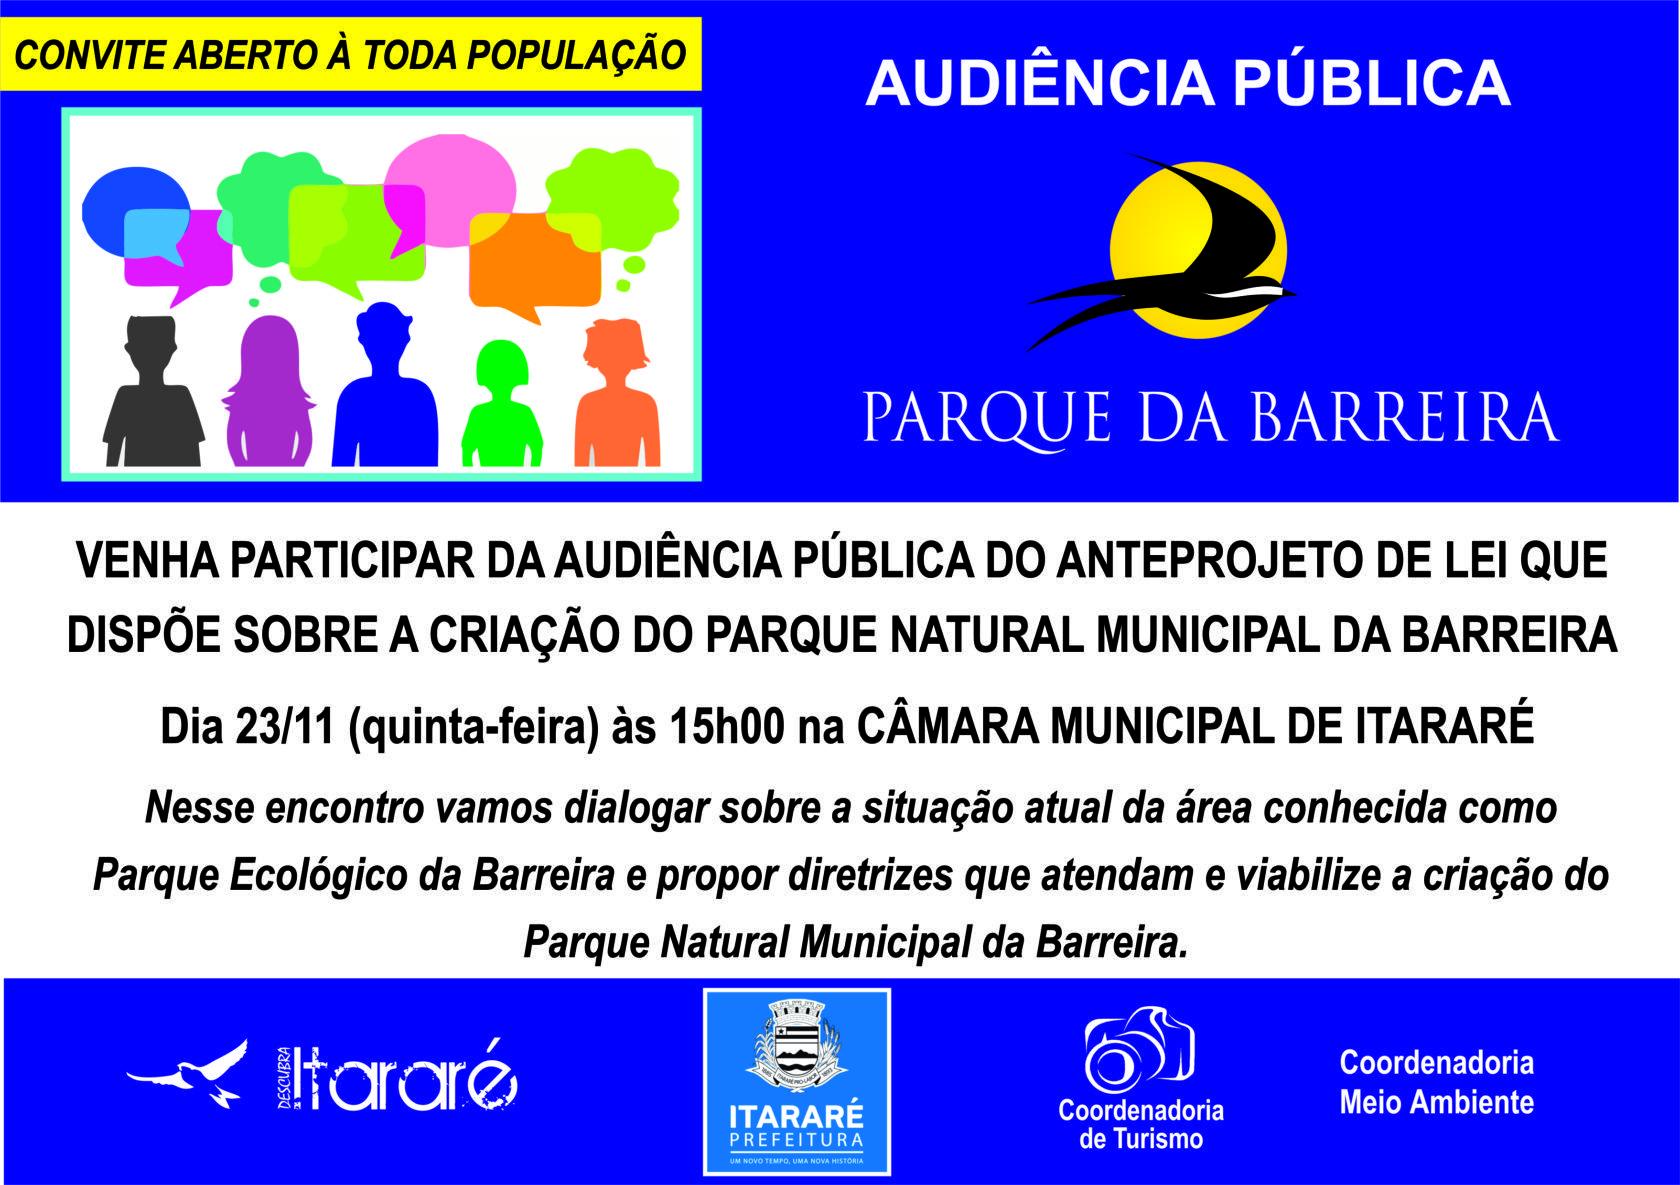 Turismo de Itararé (SP) convida população para audiência pública